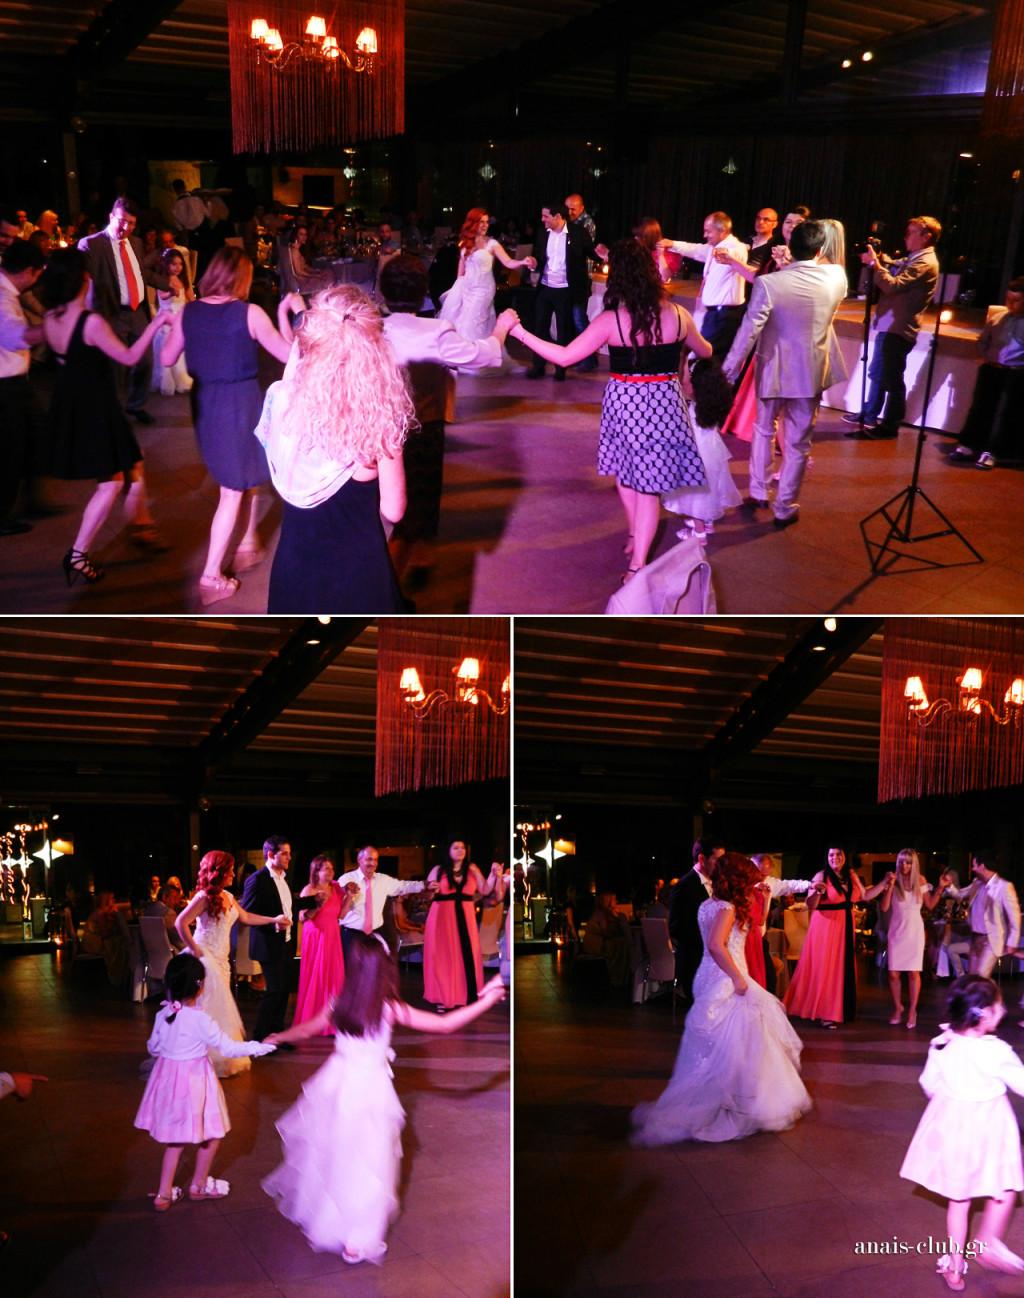 Στον γάμο, ο χορός ανοίγει με τη νύφη και τον γαμπρό. Στην αρχή χορεύουν οι οικογένειες και αφού χορέψουν όλοι πρώτοι, μπαίνουν στη συνέχεια στο χορό και οι υπόλοιποι συγγενείς και φίλοι. Και το γλέντι απογειώνεται!